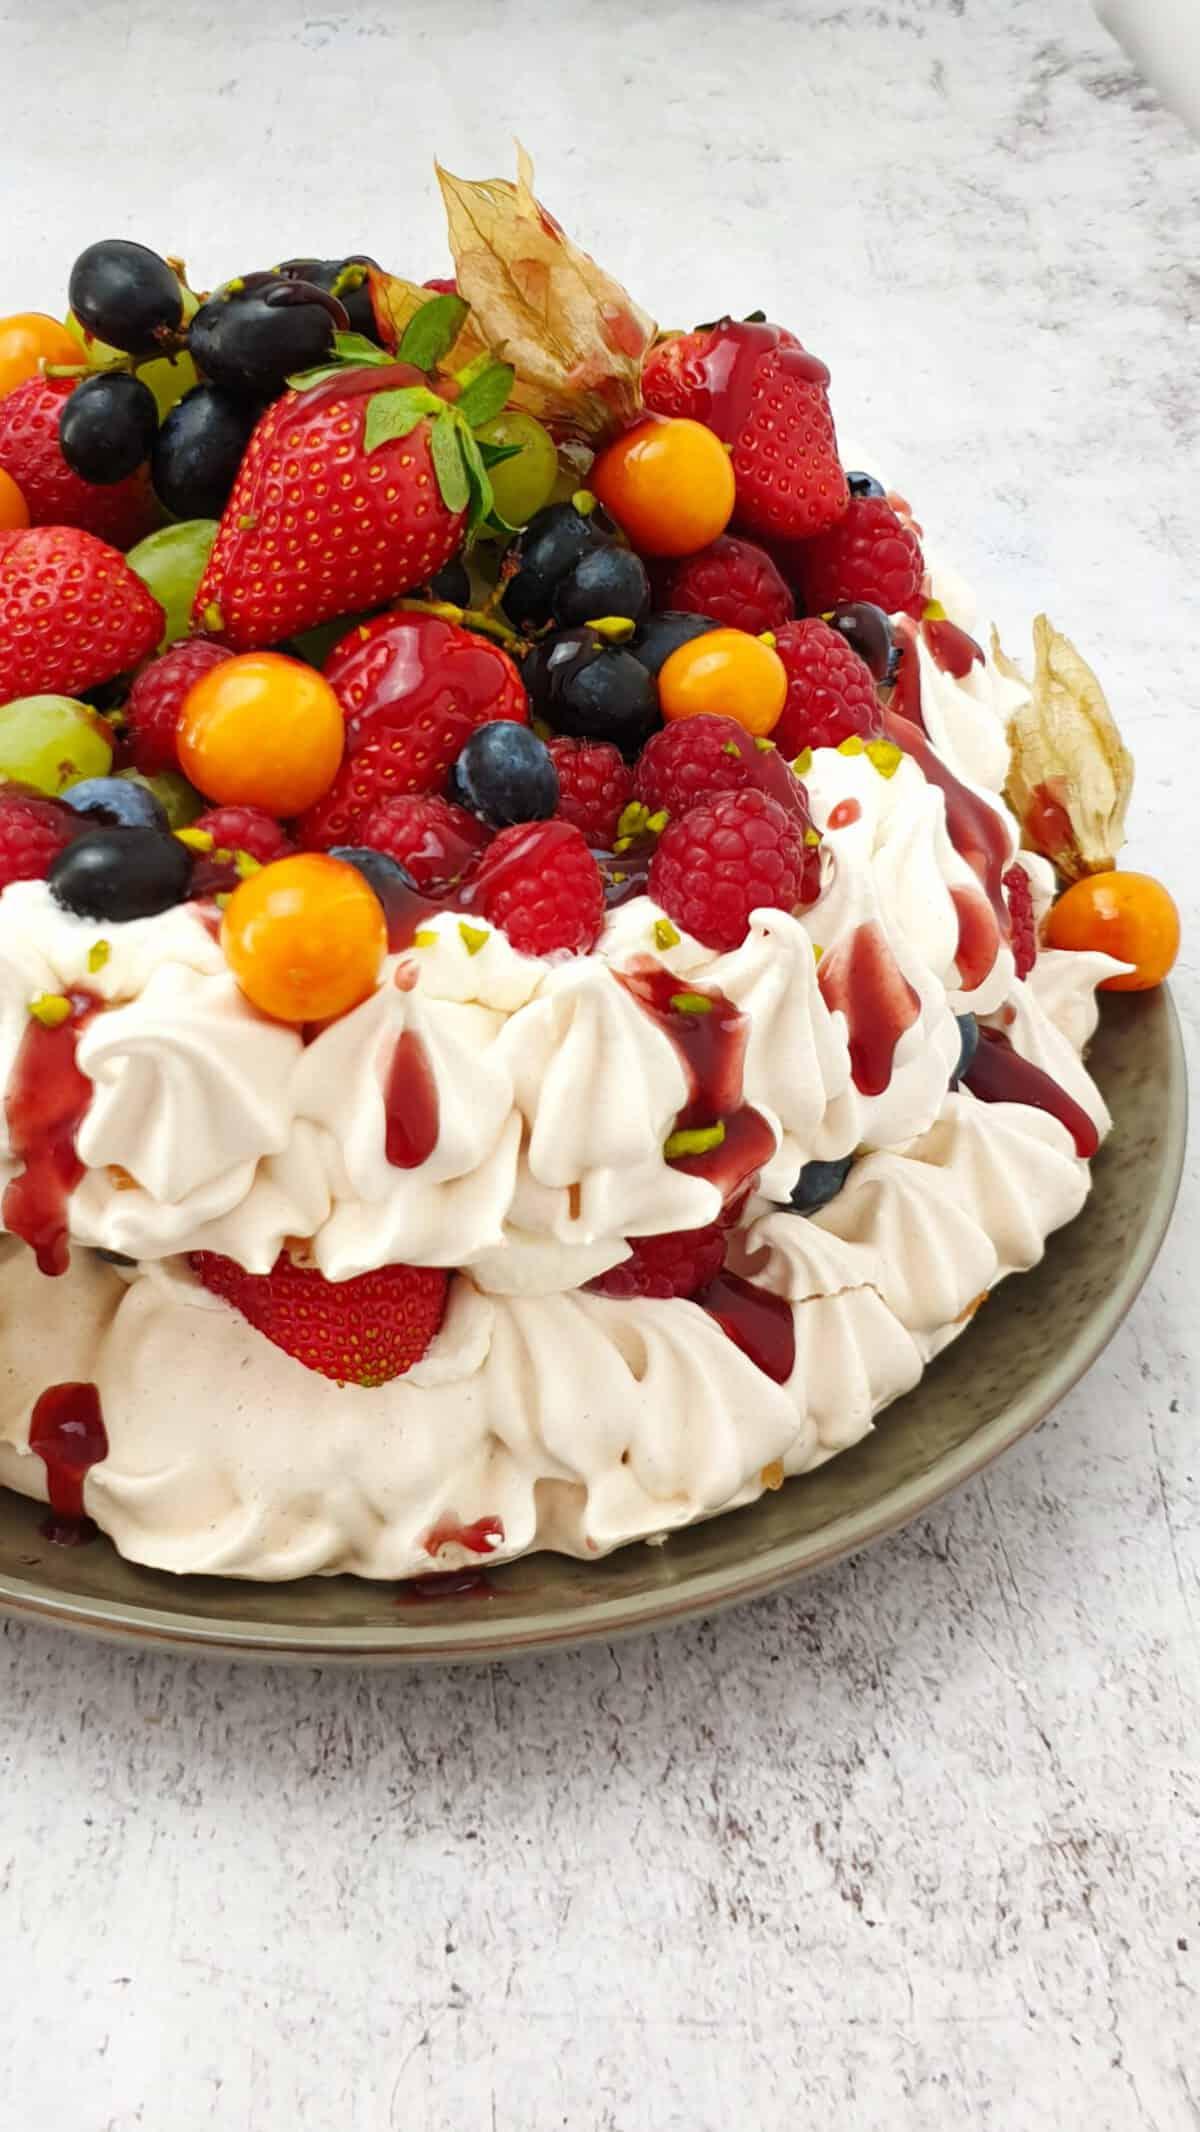 Eine zweischichtige Pavlova Torte mit Sahne Füllung und Früchte Topping auf einem Teller angerichtet.